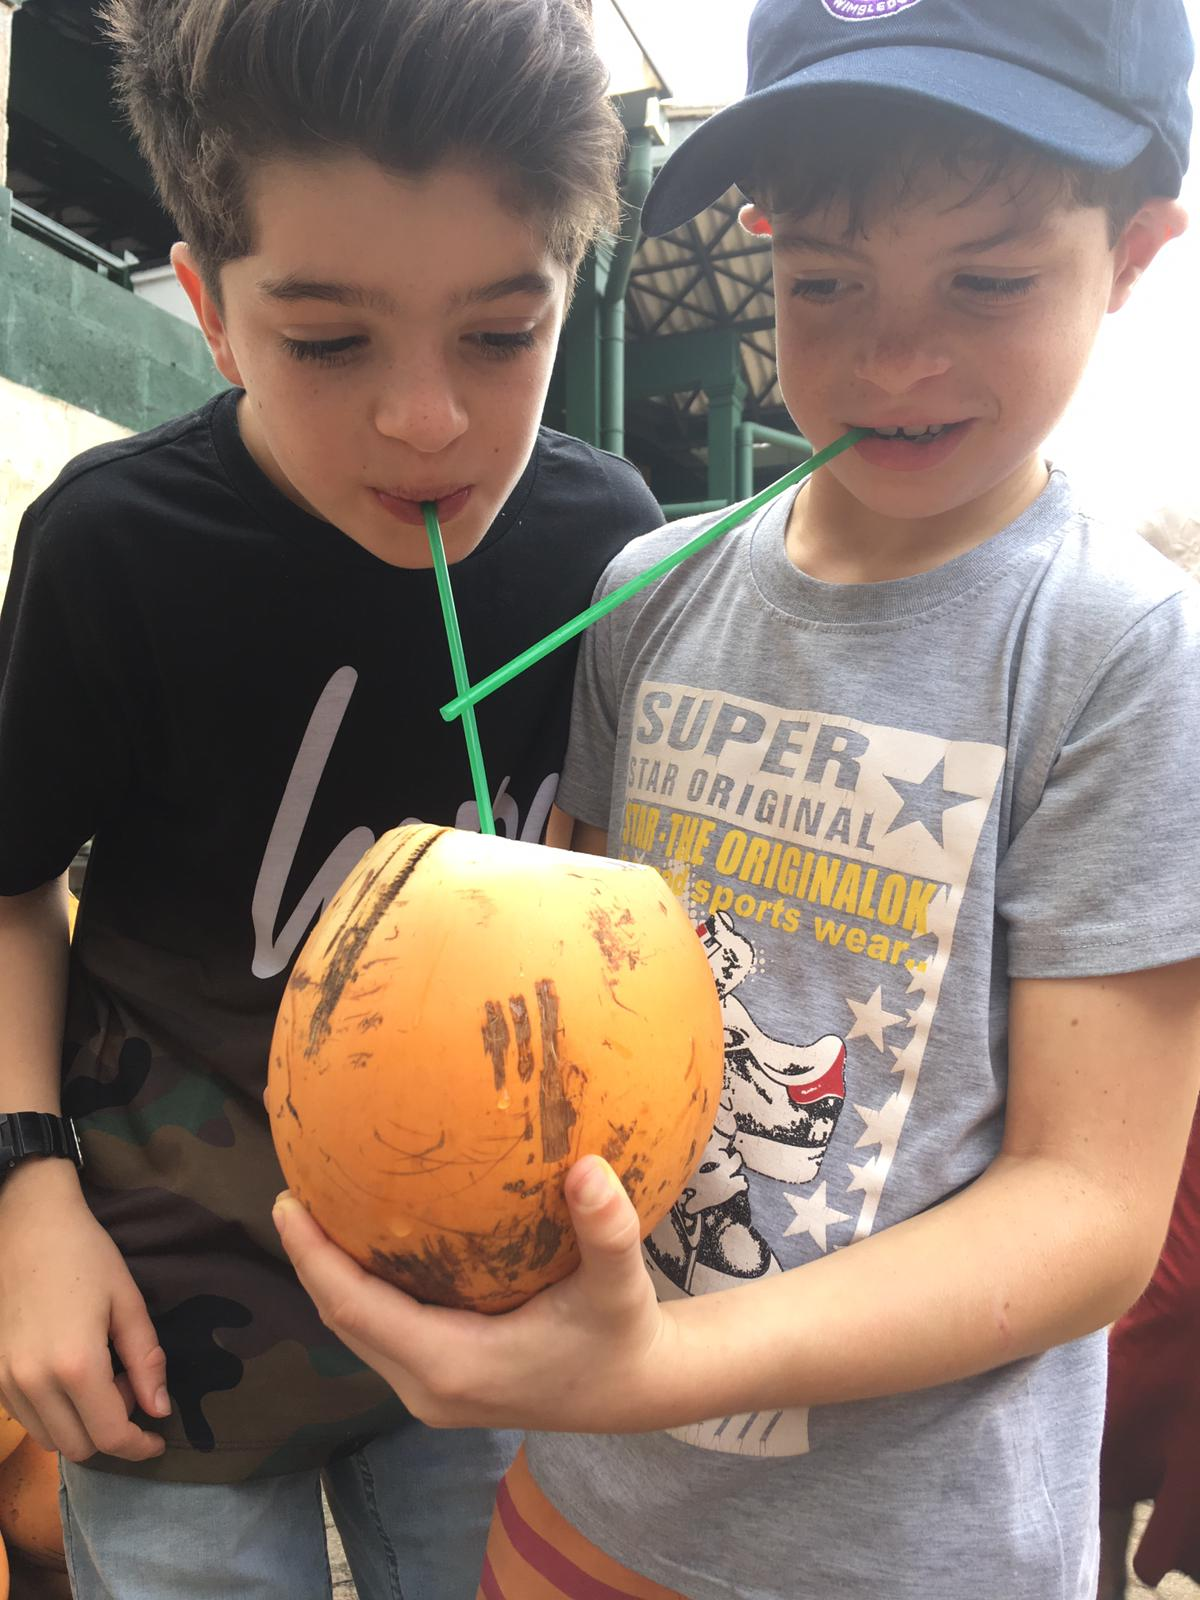 invite-to-paradise-sri-lanka-family-holiday-specialists-customer-feedback-pickering-king-coconuts.jpg